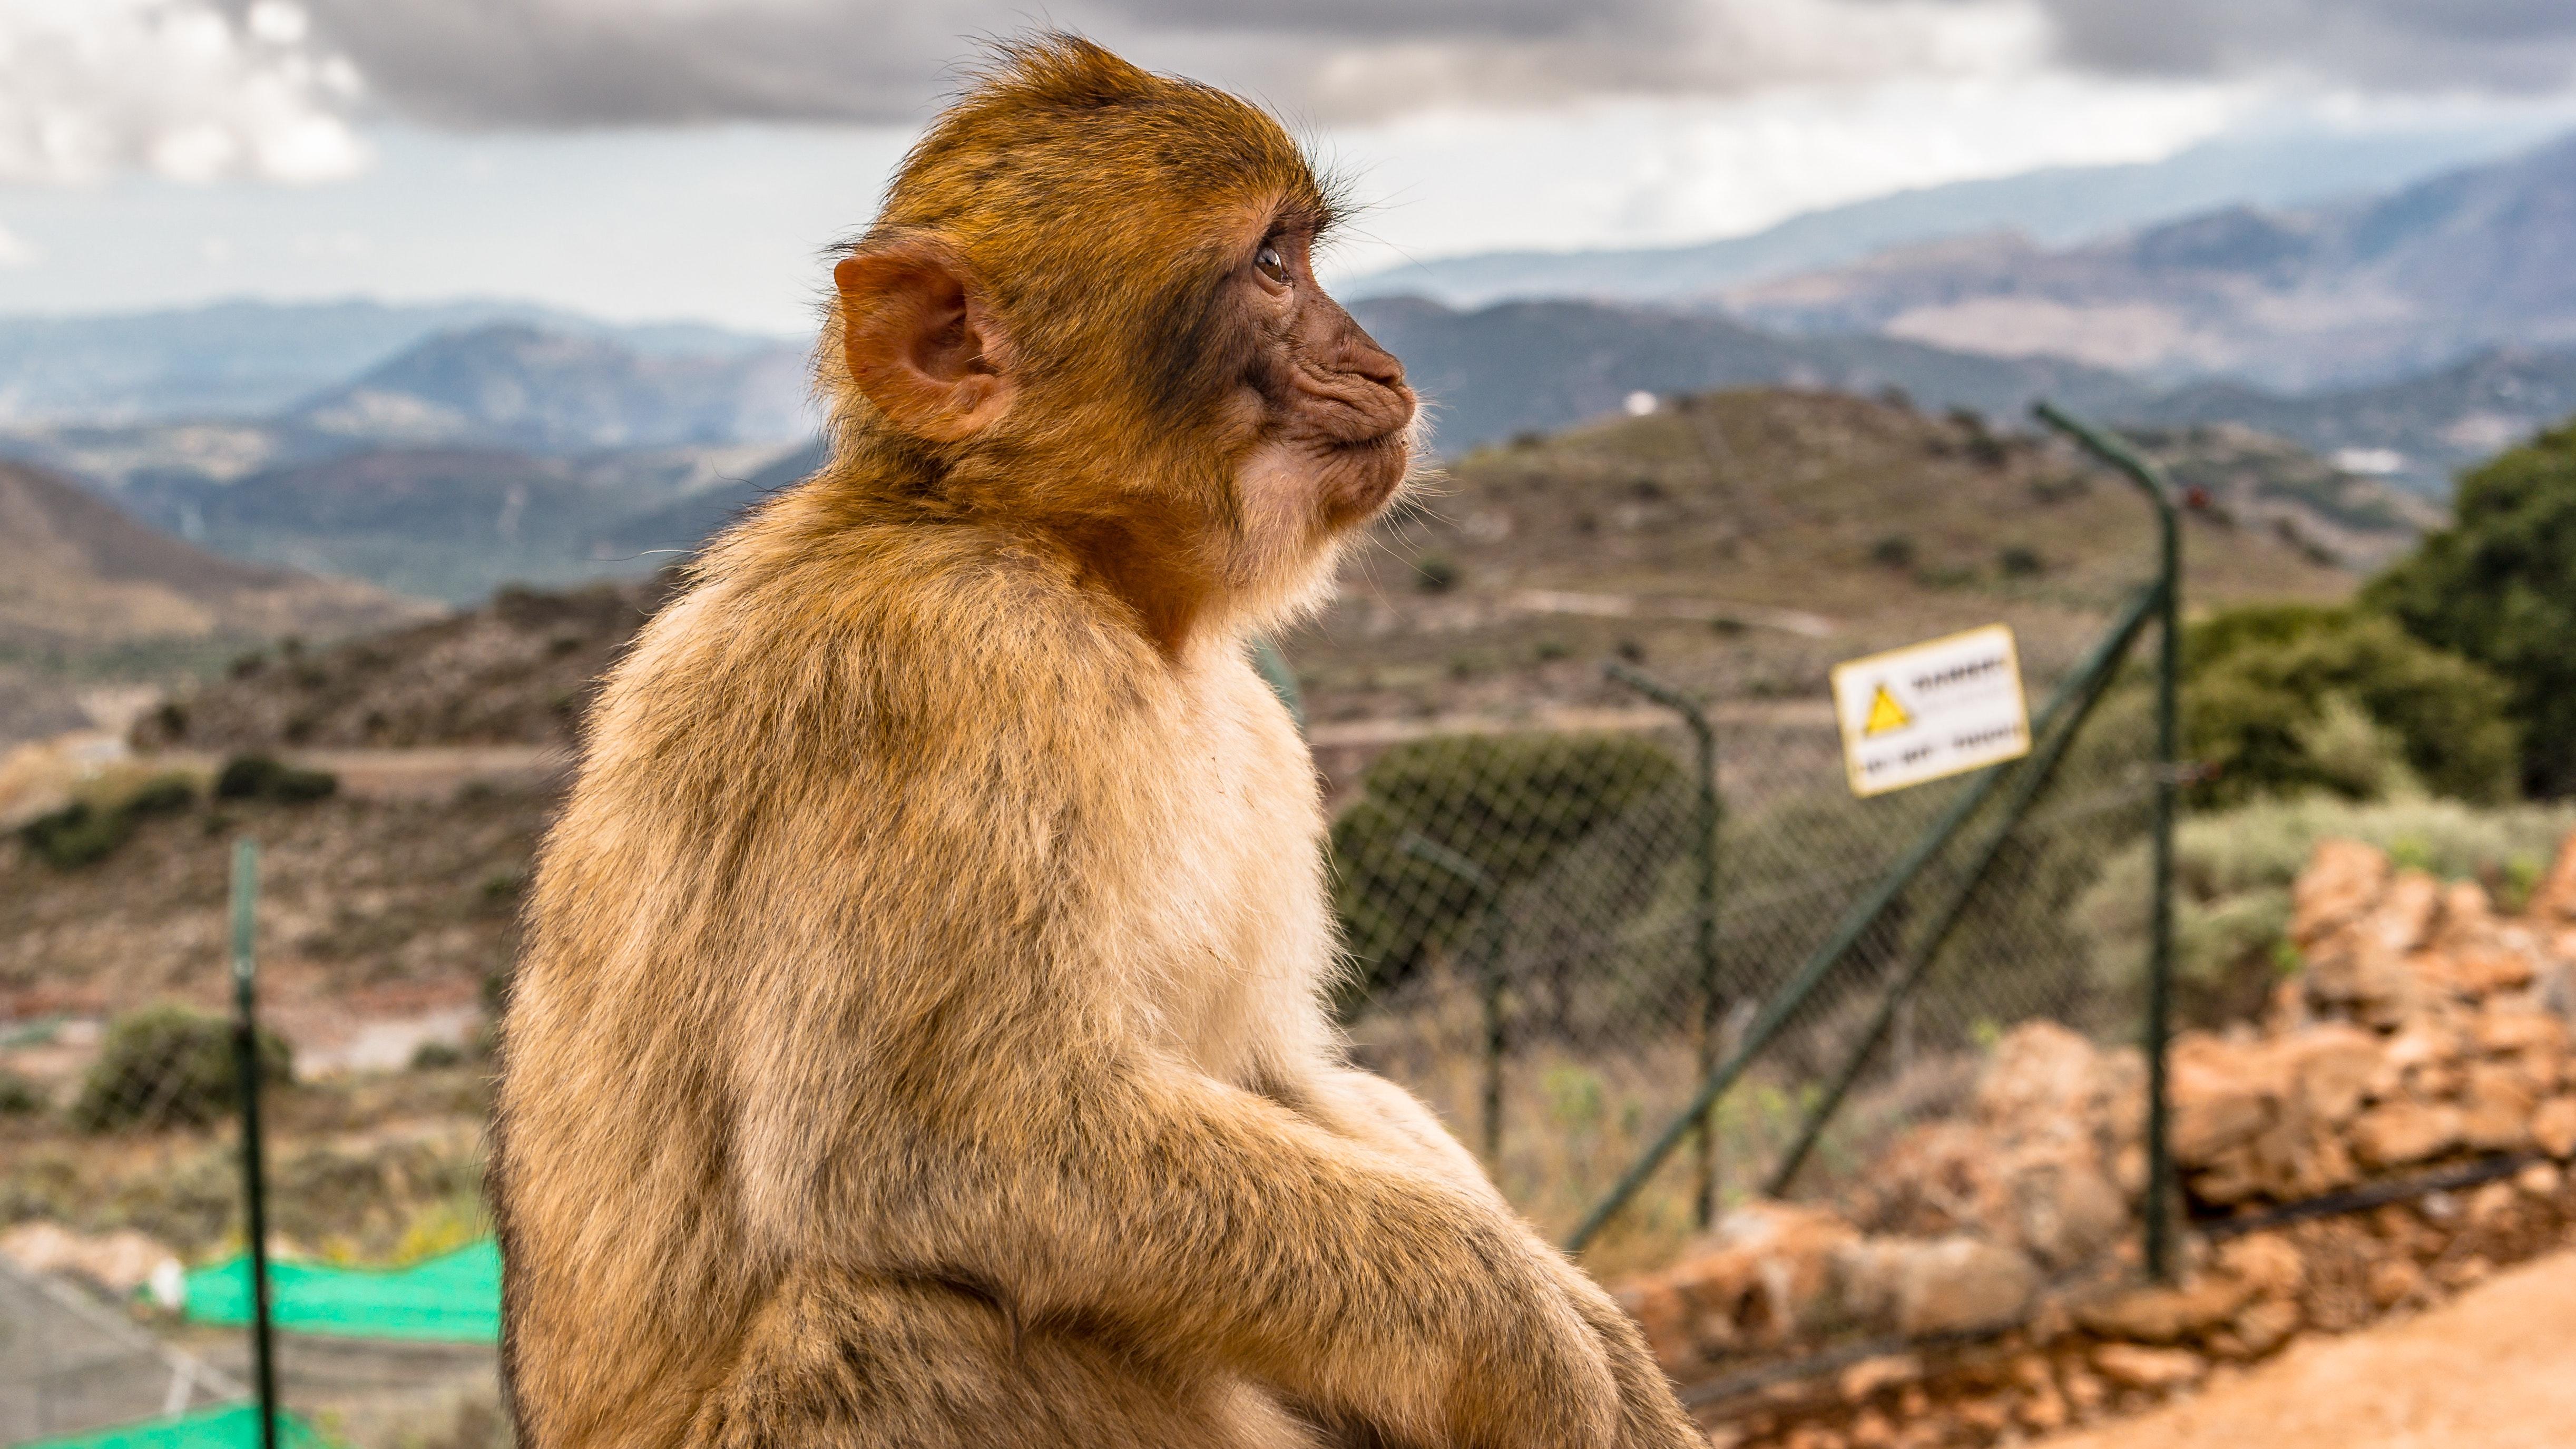 Brown monkey sitting on ground photo